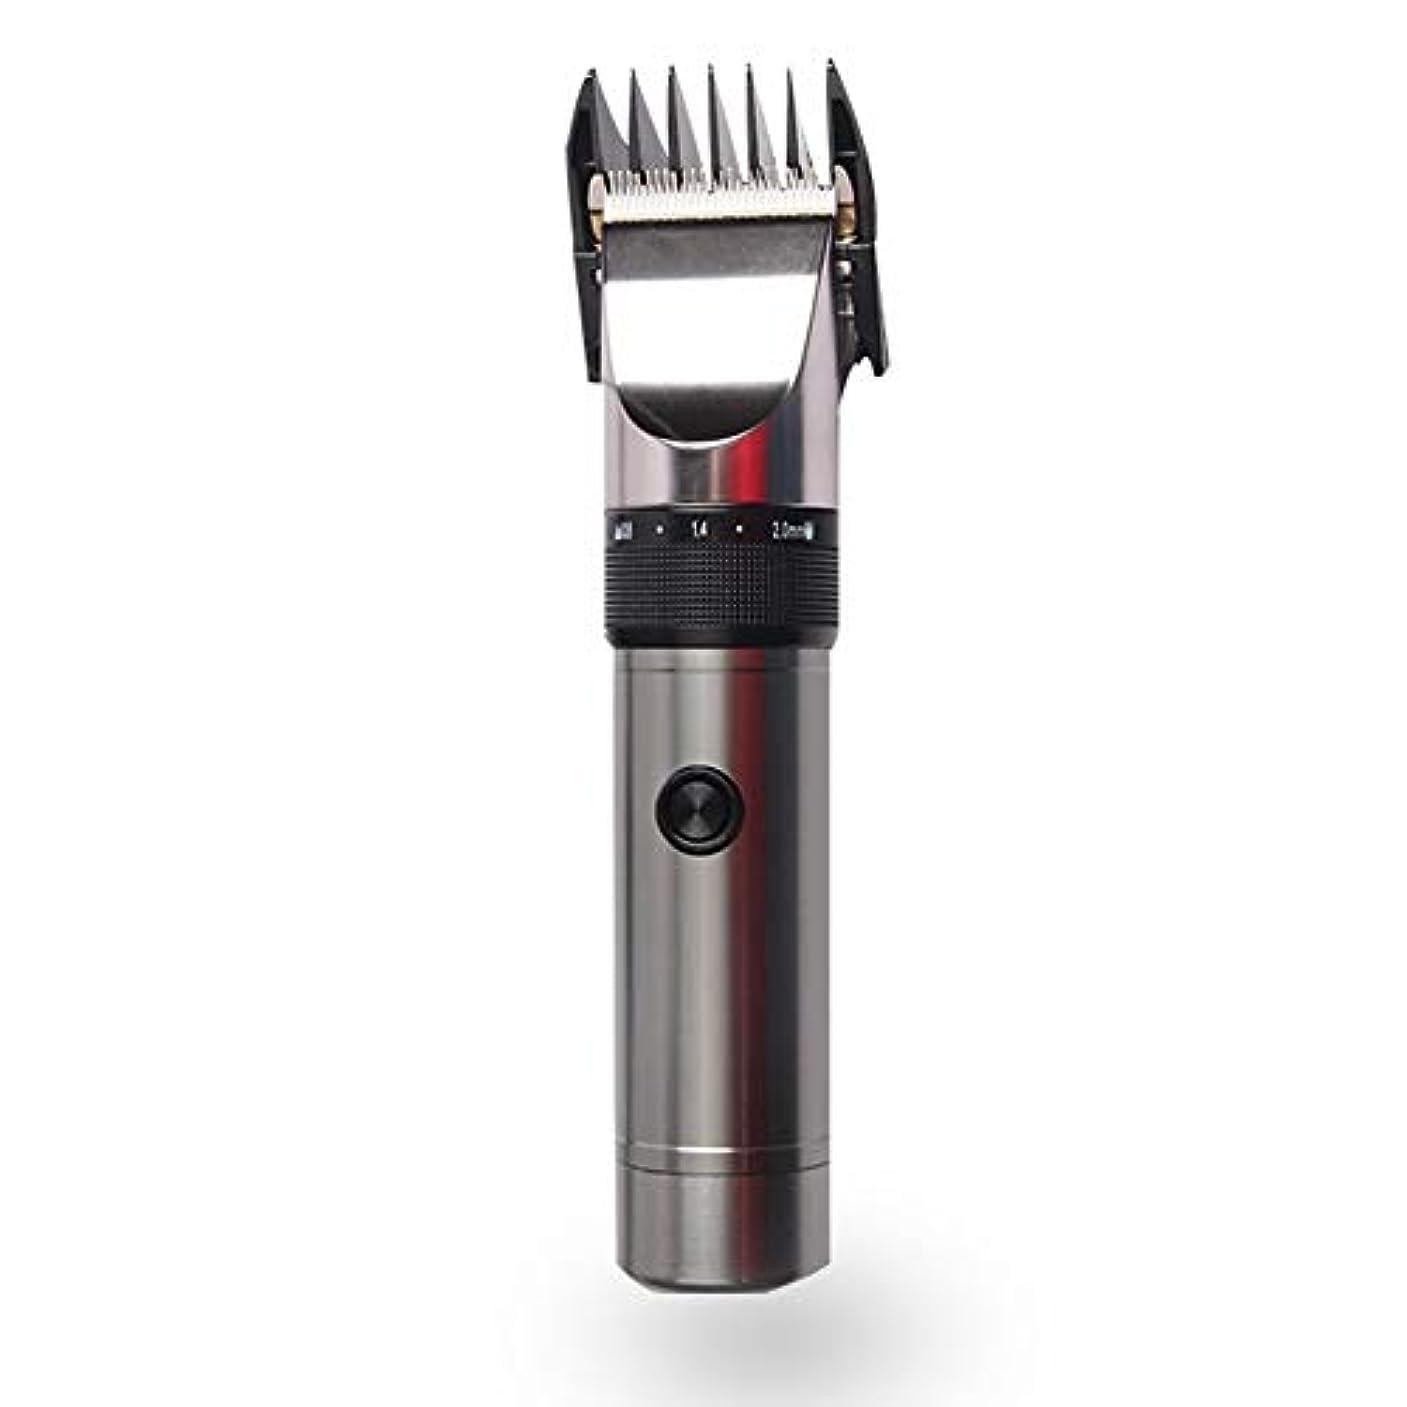 州ピットうまくいけば専門の再充電可能な毛クリッパーの理髪店の特別な毛クリッパーの大人の子供の電気シェーバーの毛のトリマー